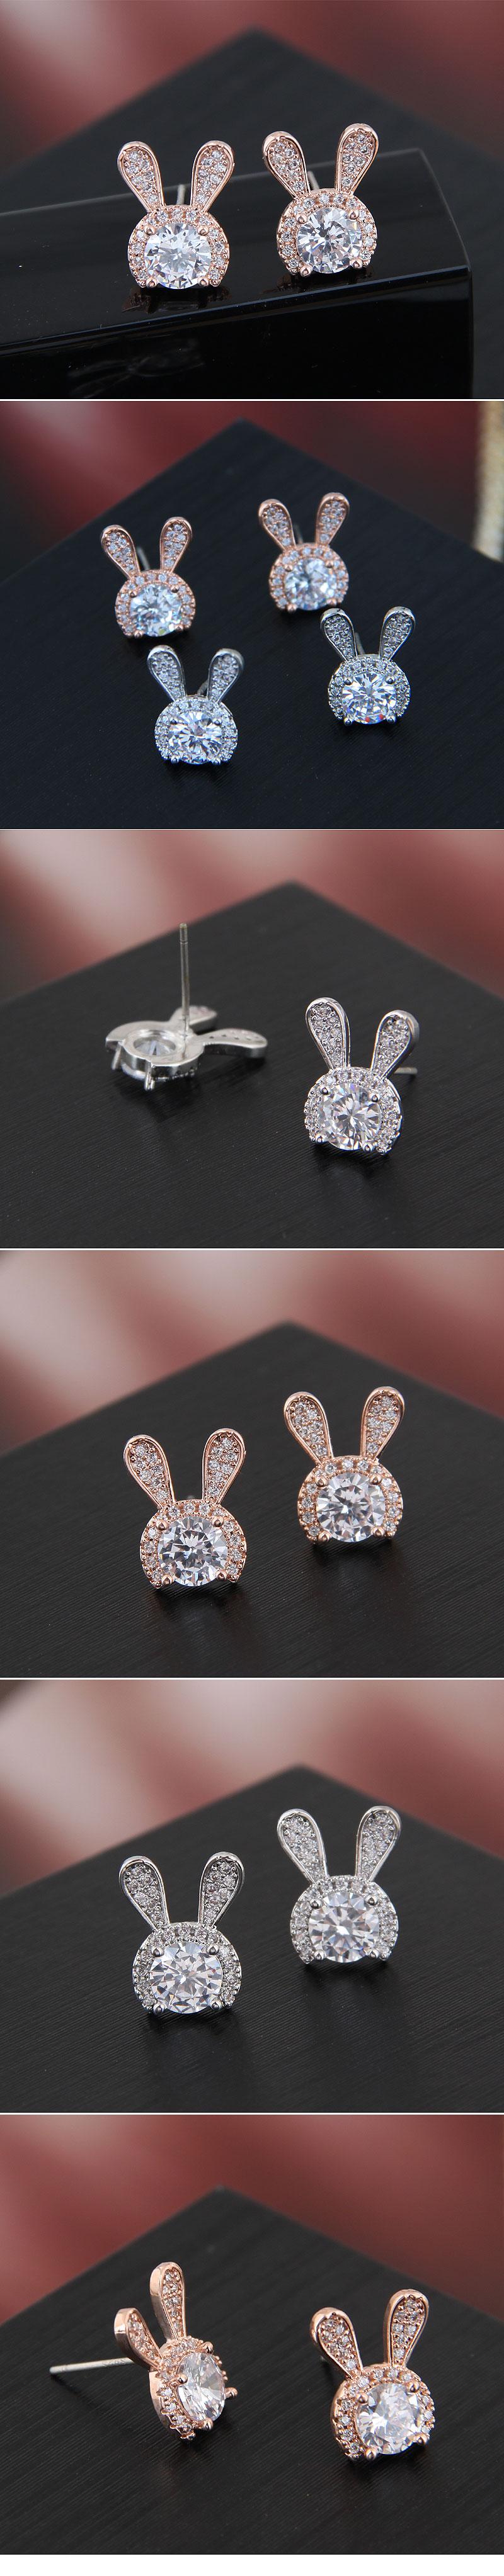 Copper & Zircon Earring Korea NHSC200199